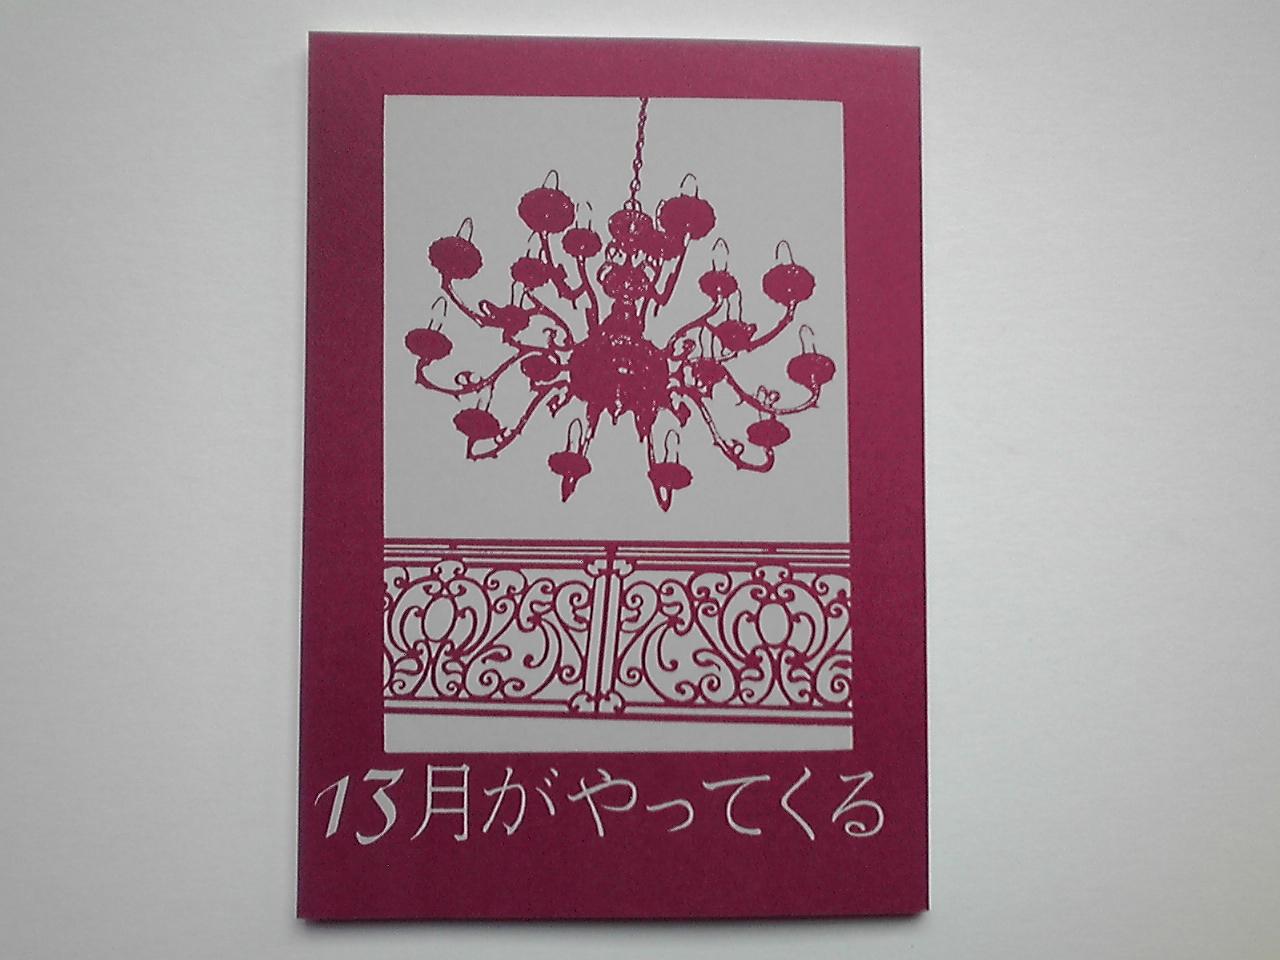 【小説】新作「十三月がやってくる」12/8頃発売